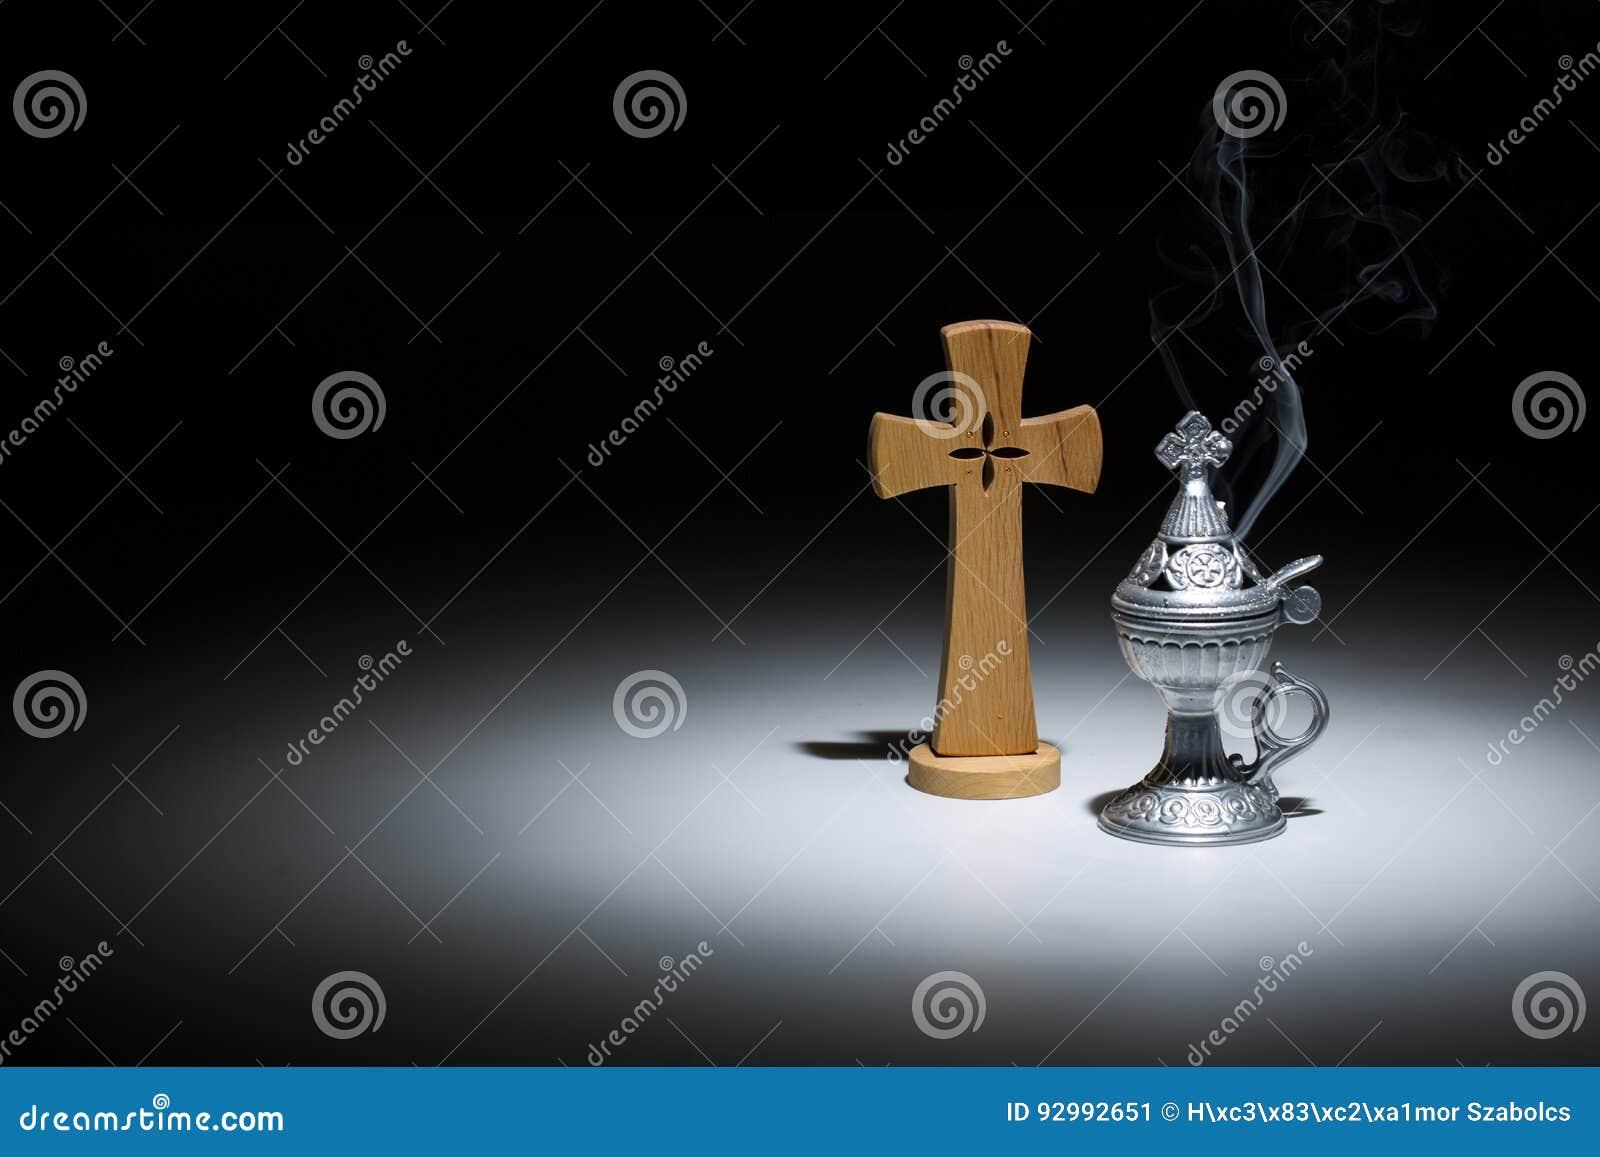 Holy incense-burner, religion symbol